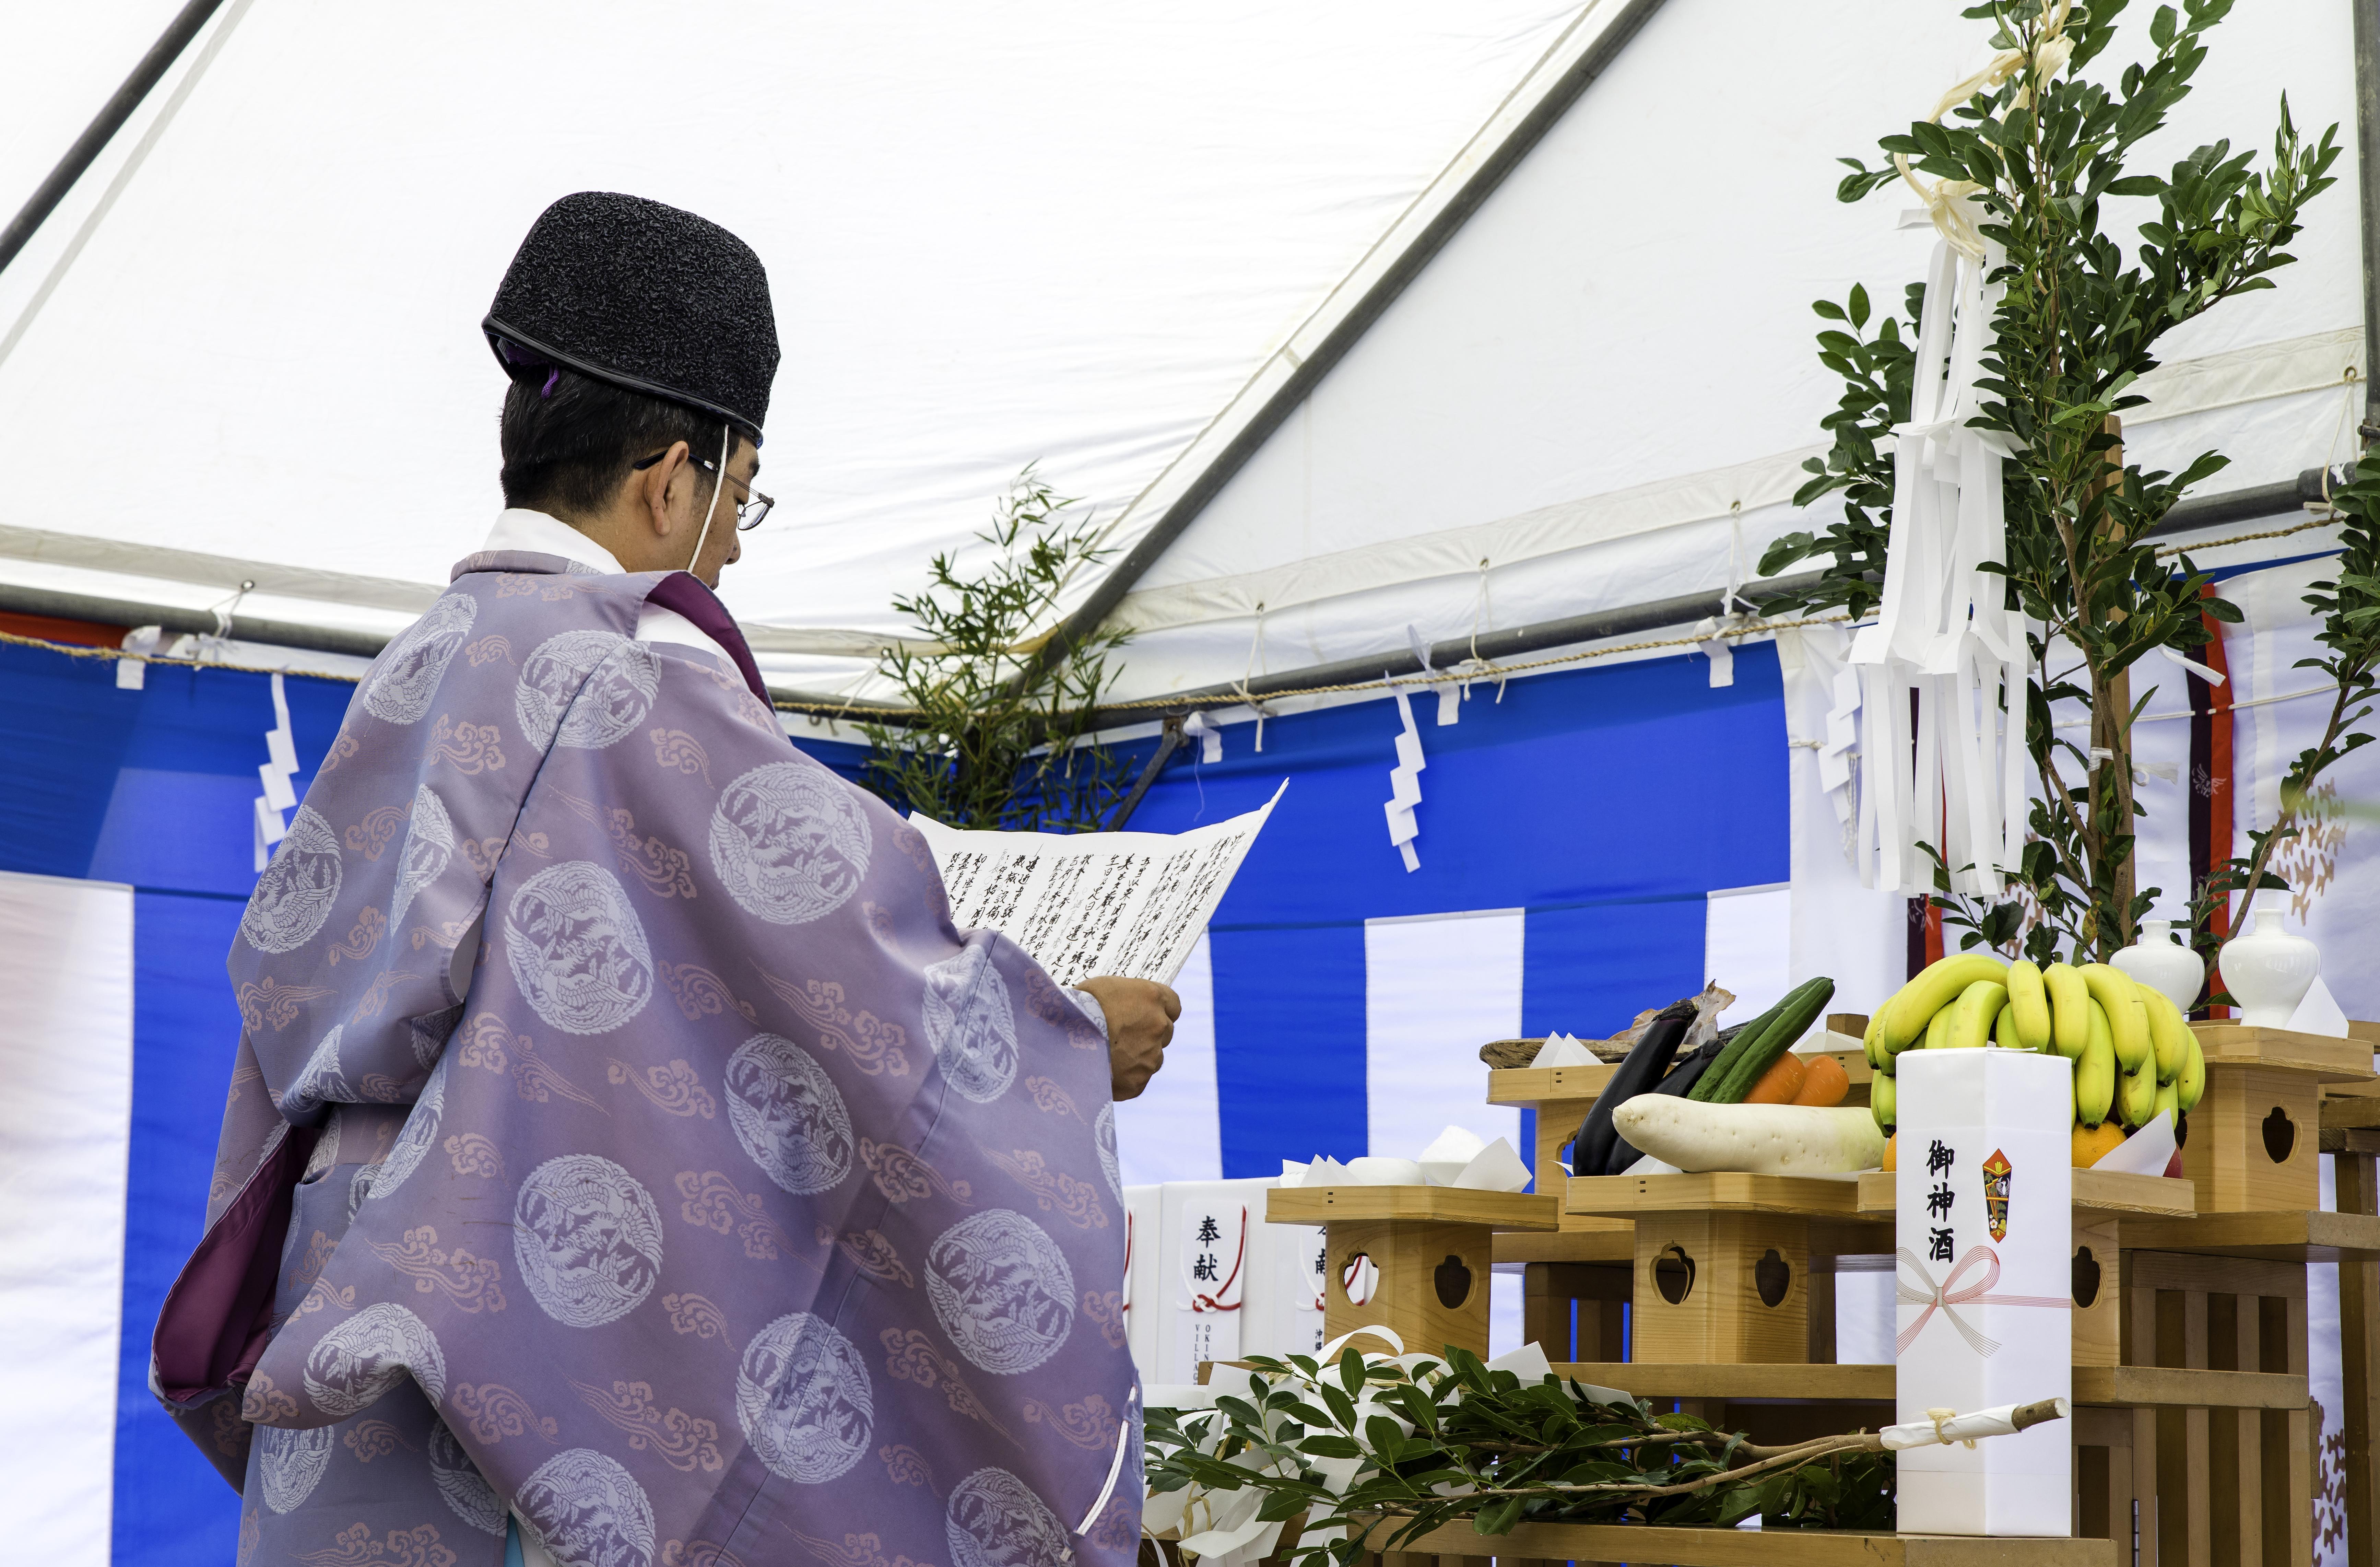 Shunko Shiki Ceremony